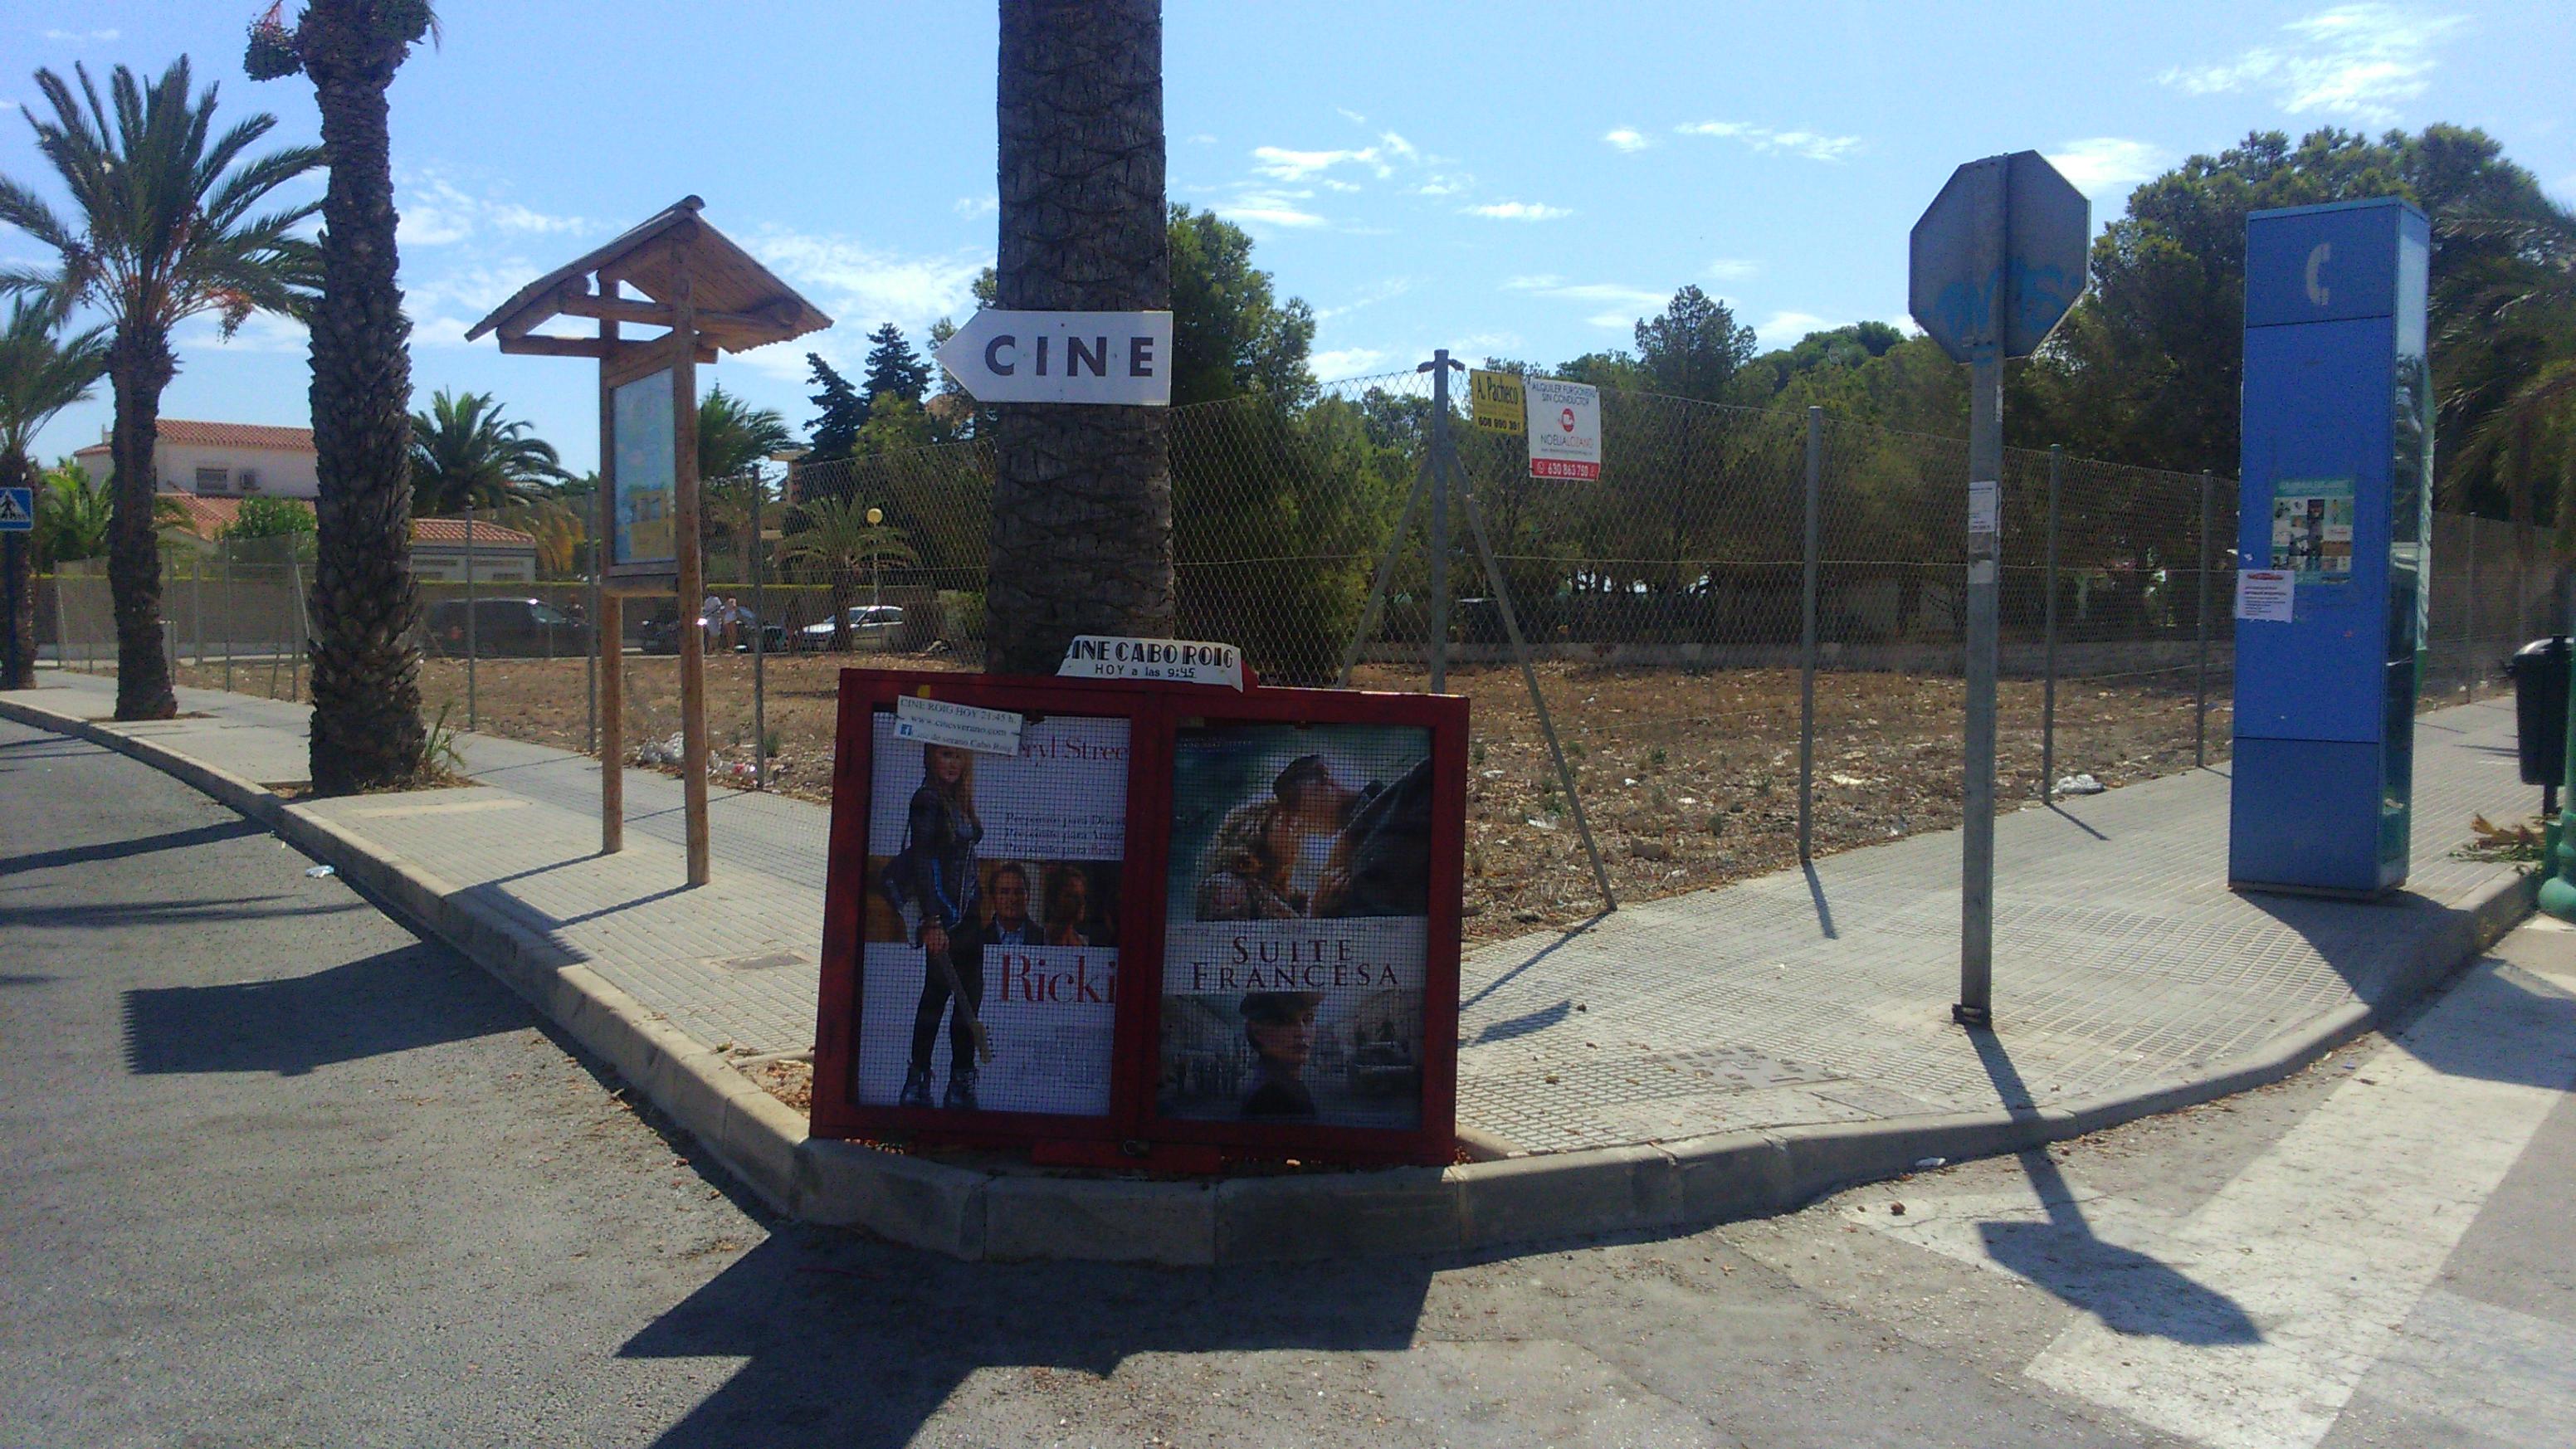 1 cartel del cine CAbo roig